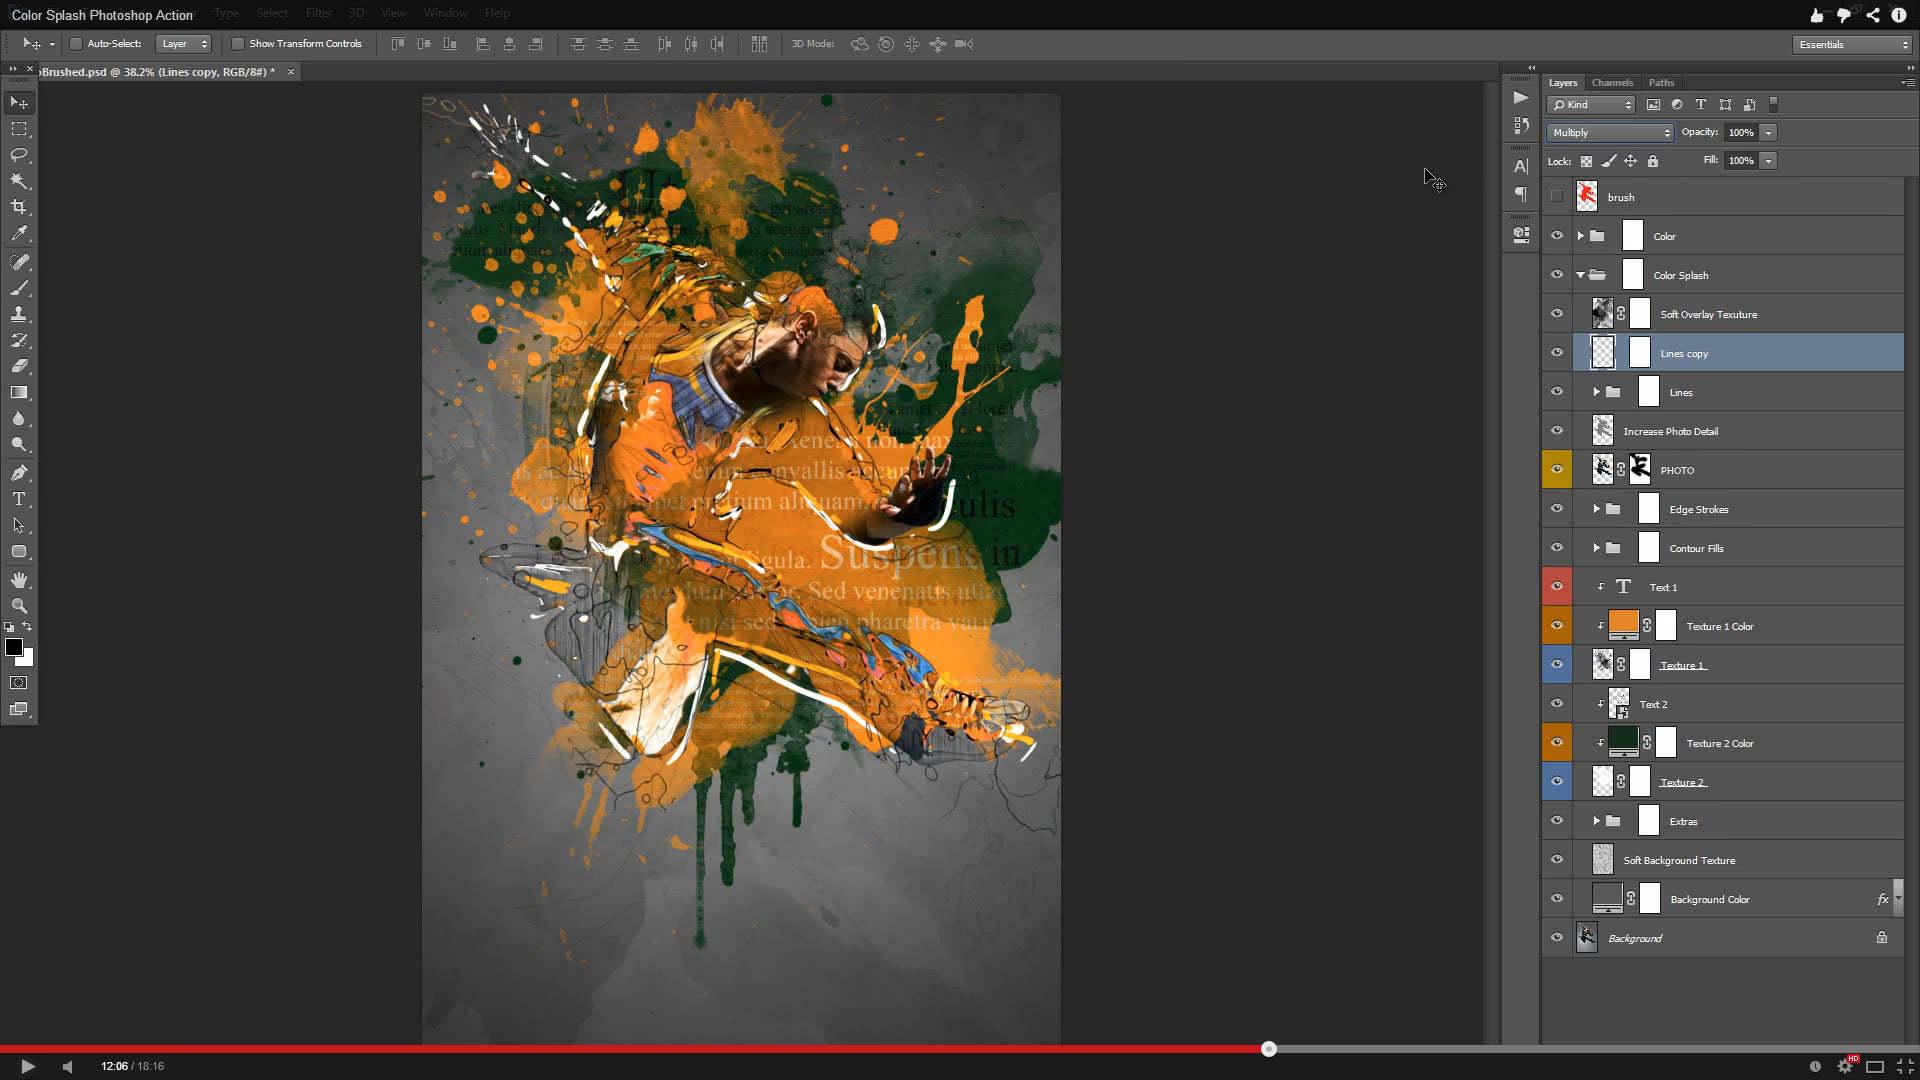 Color Splash Photoshop Action - 1